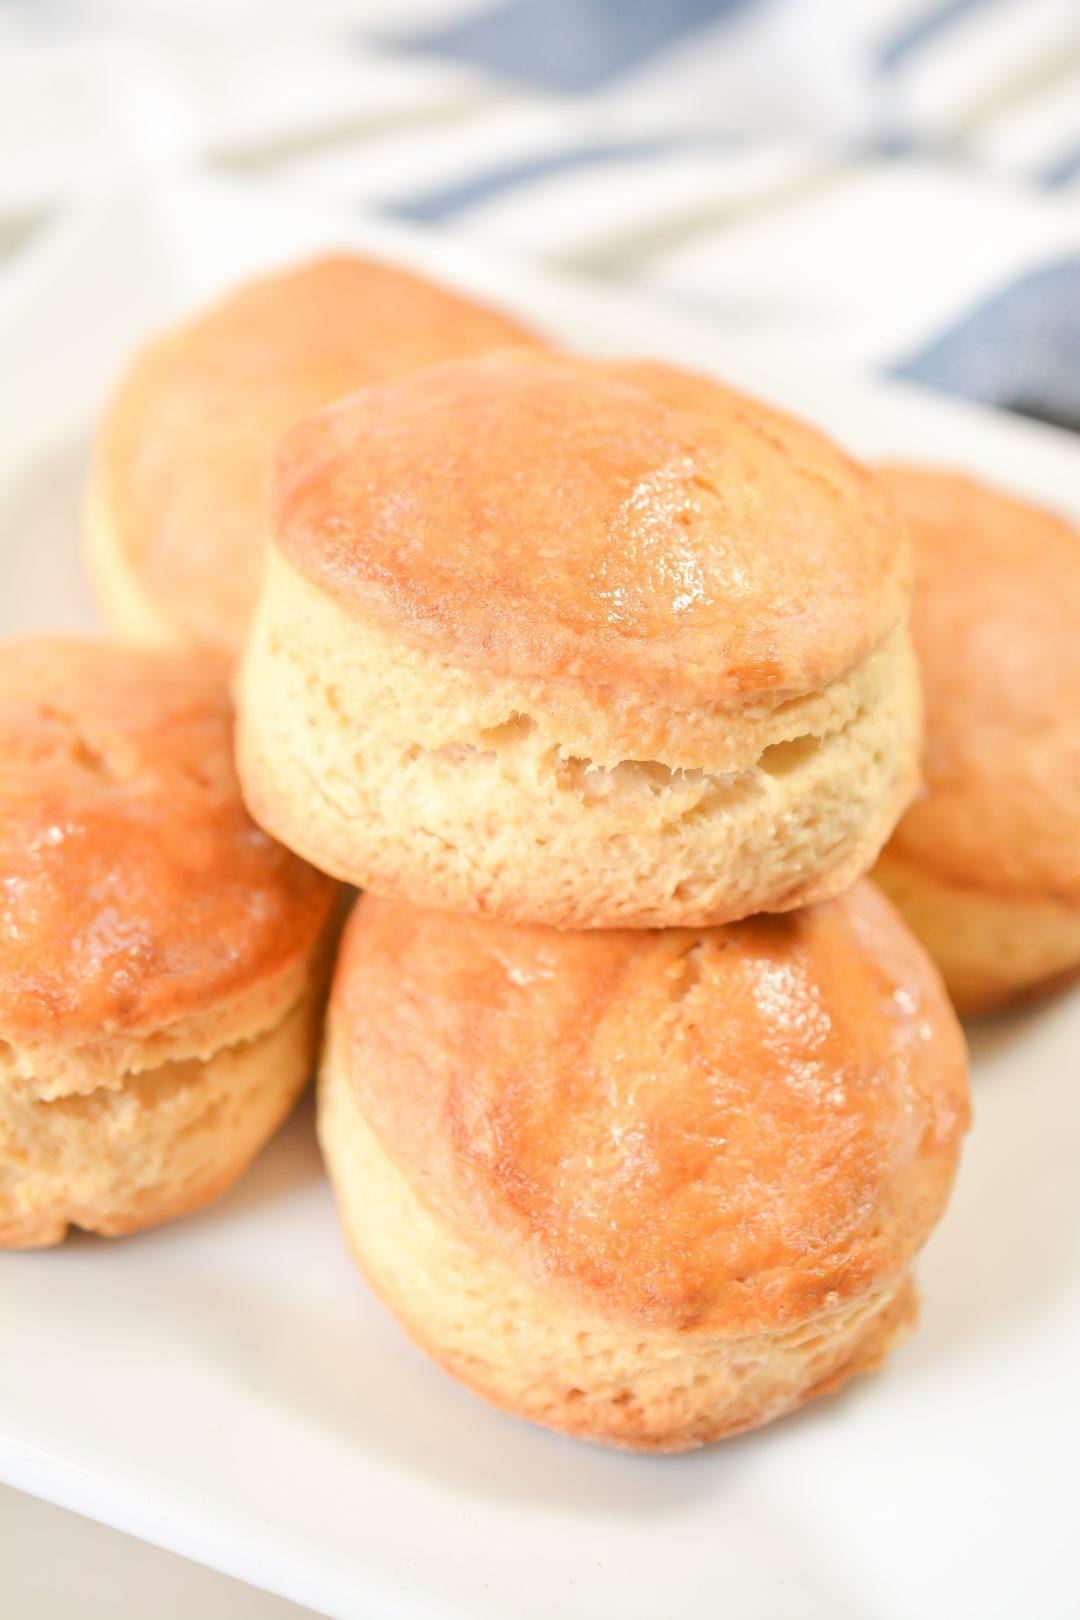 KFC Biscuits